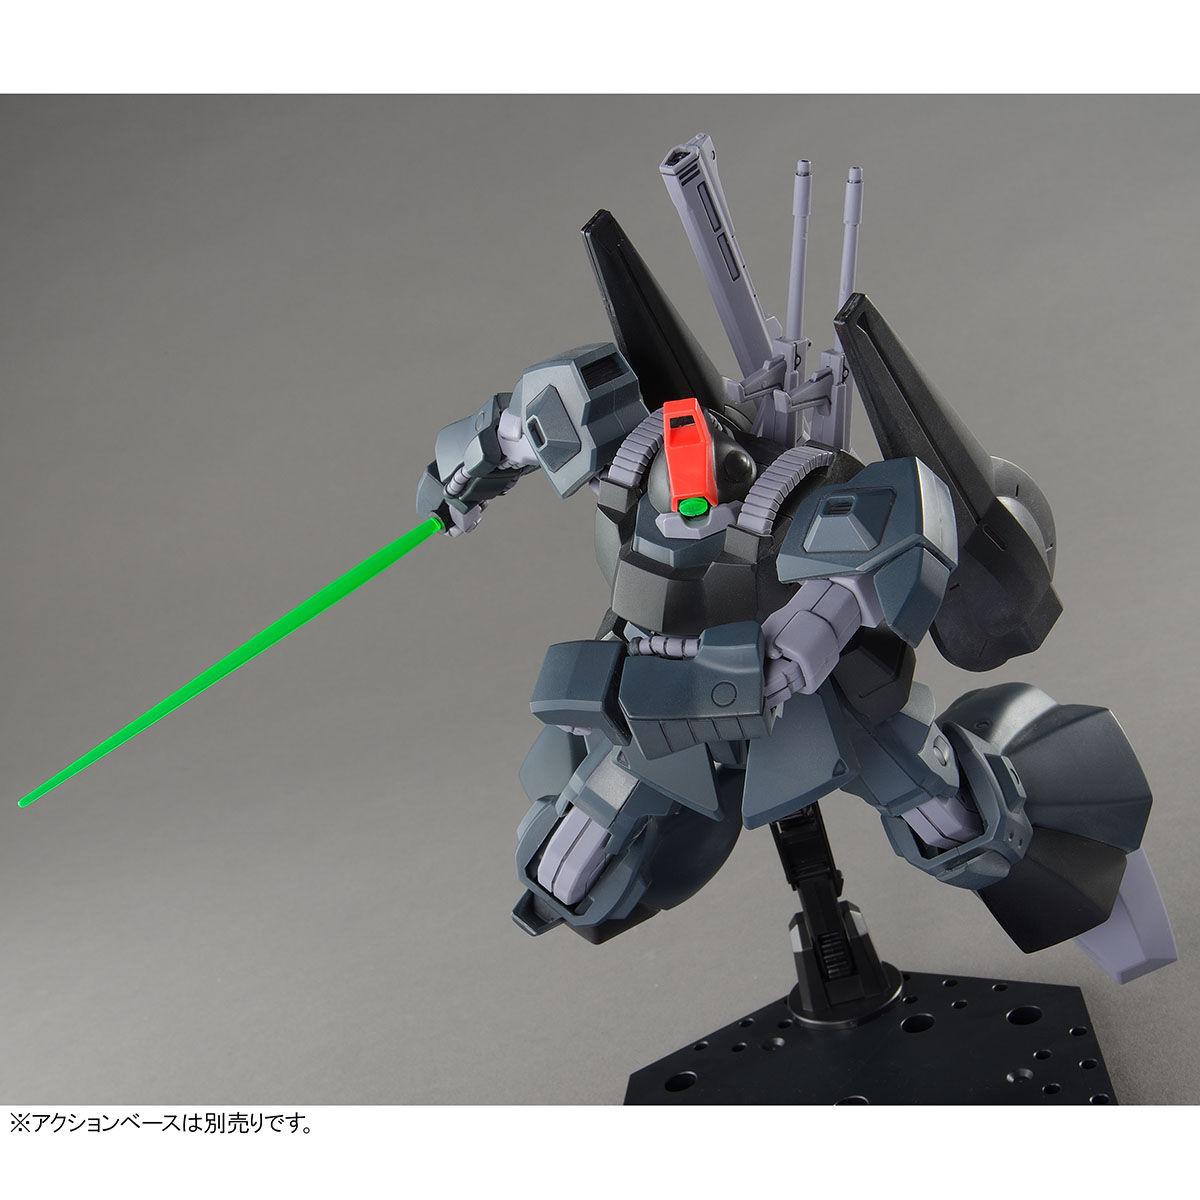 【限定販売】HG 1/144『リック・ディアス』機動戦士Zガンダム プラモデル-006